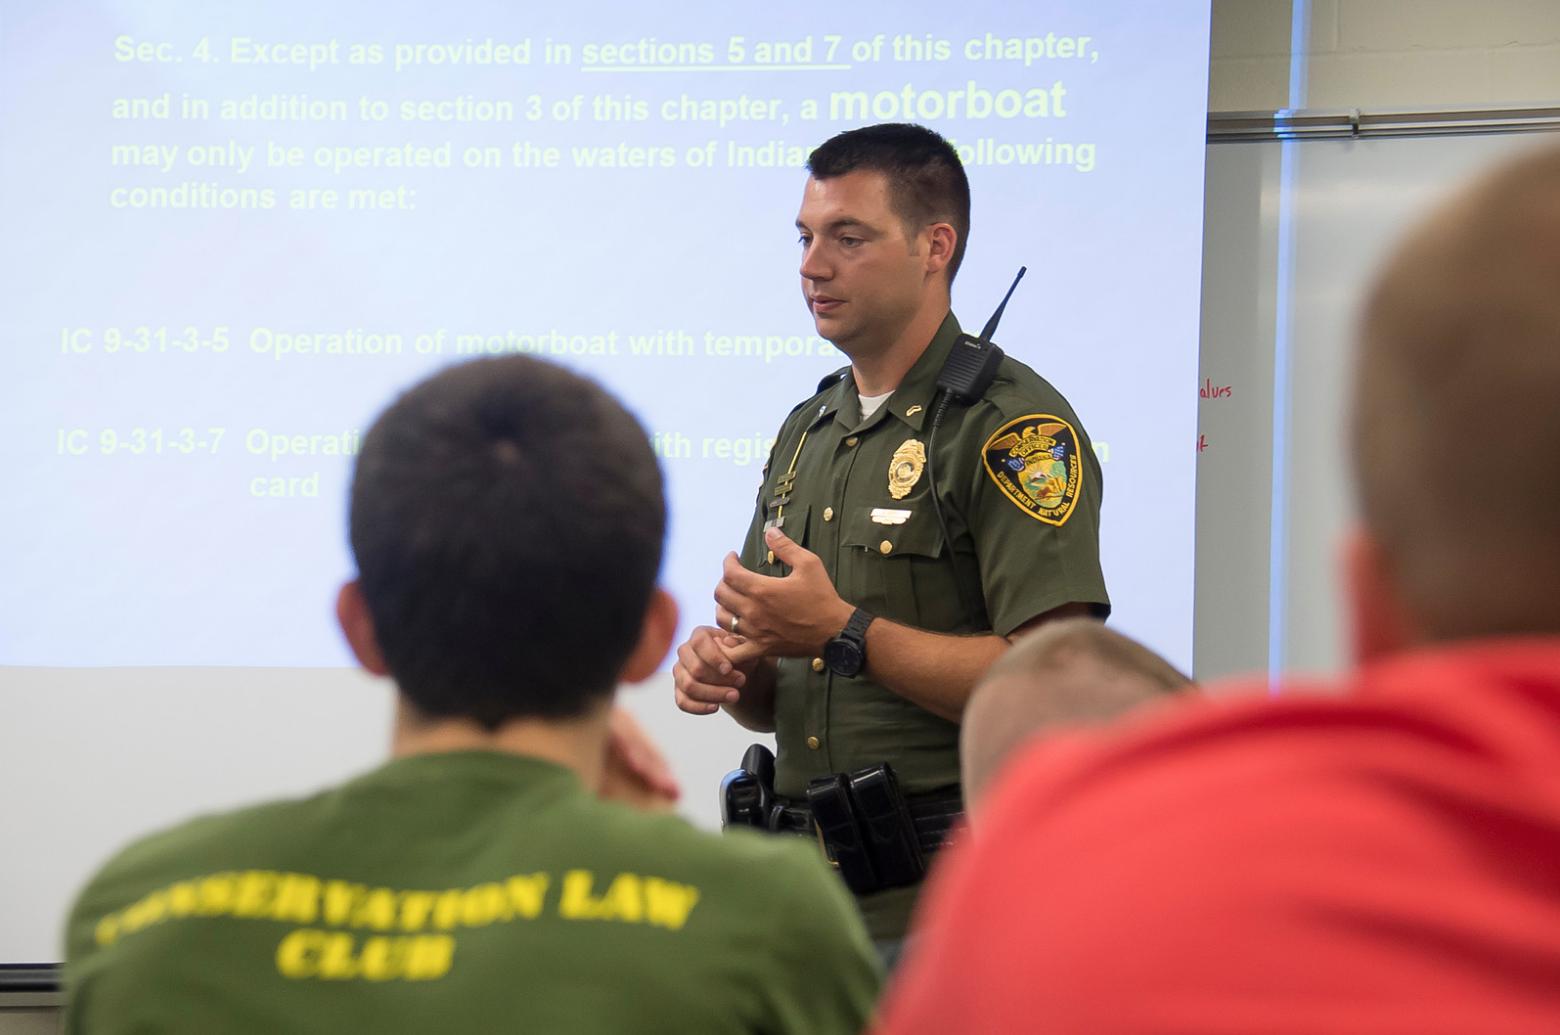 Law Enforcement (ASCT)